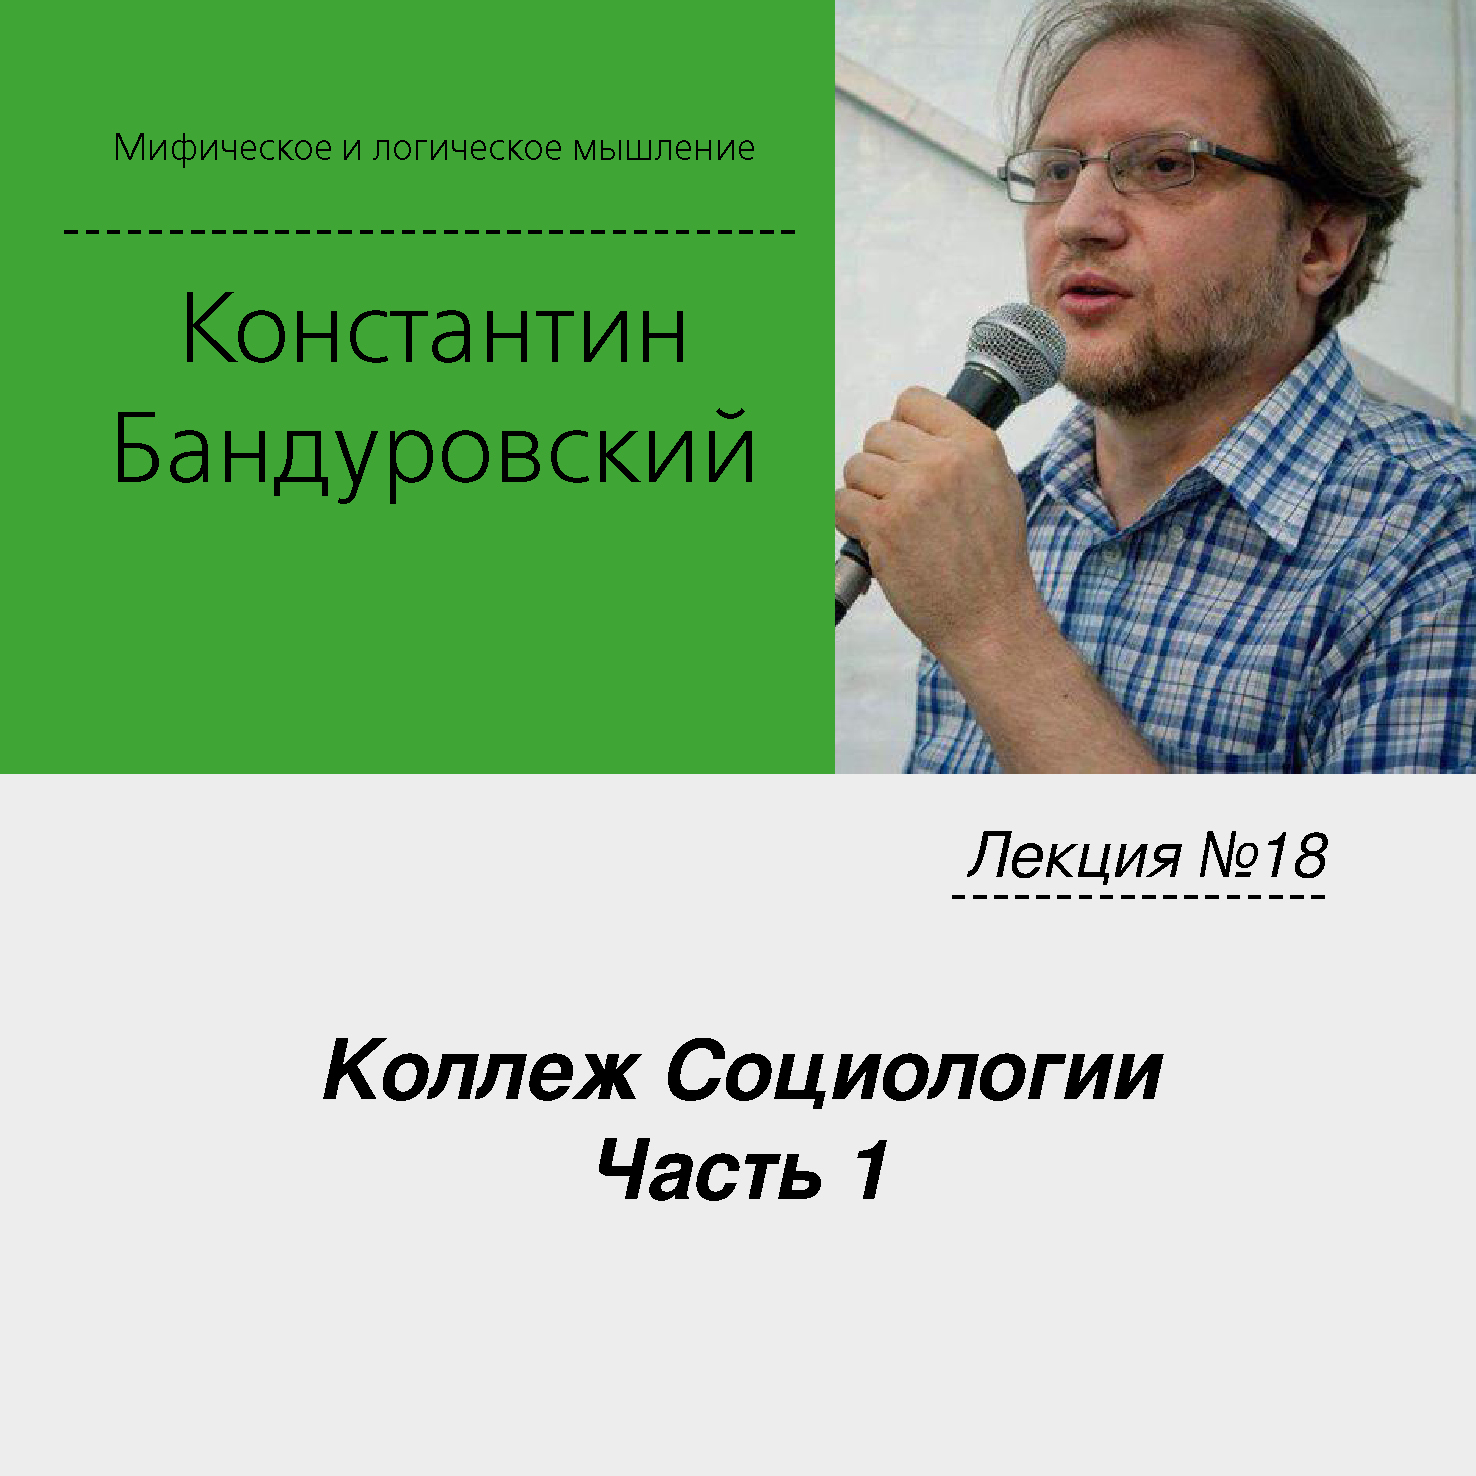 Константин Бандуровский Лекция №18 «Коллеж Социологии. Часть 1»